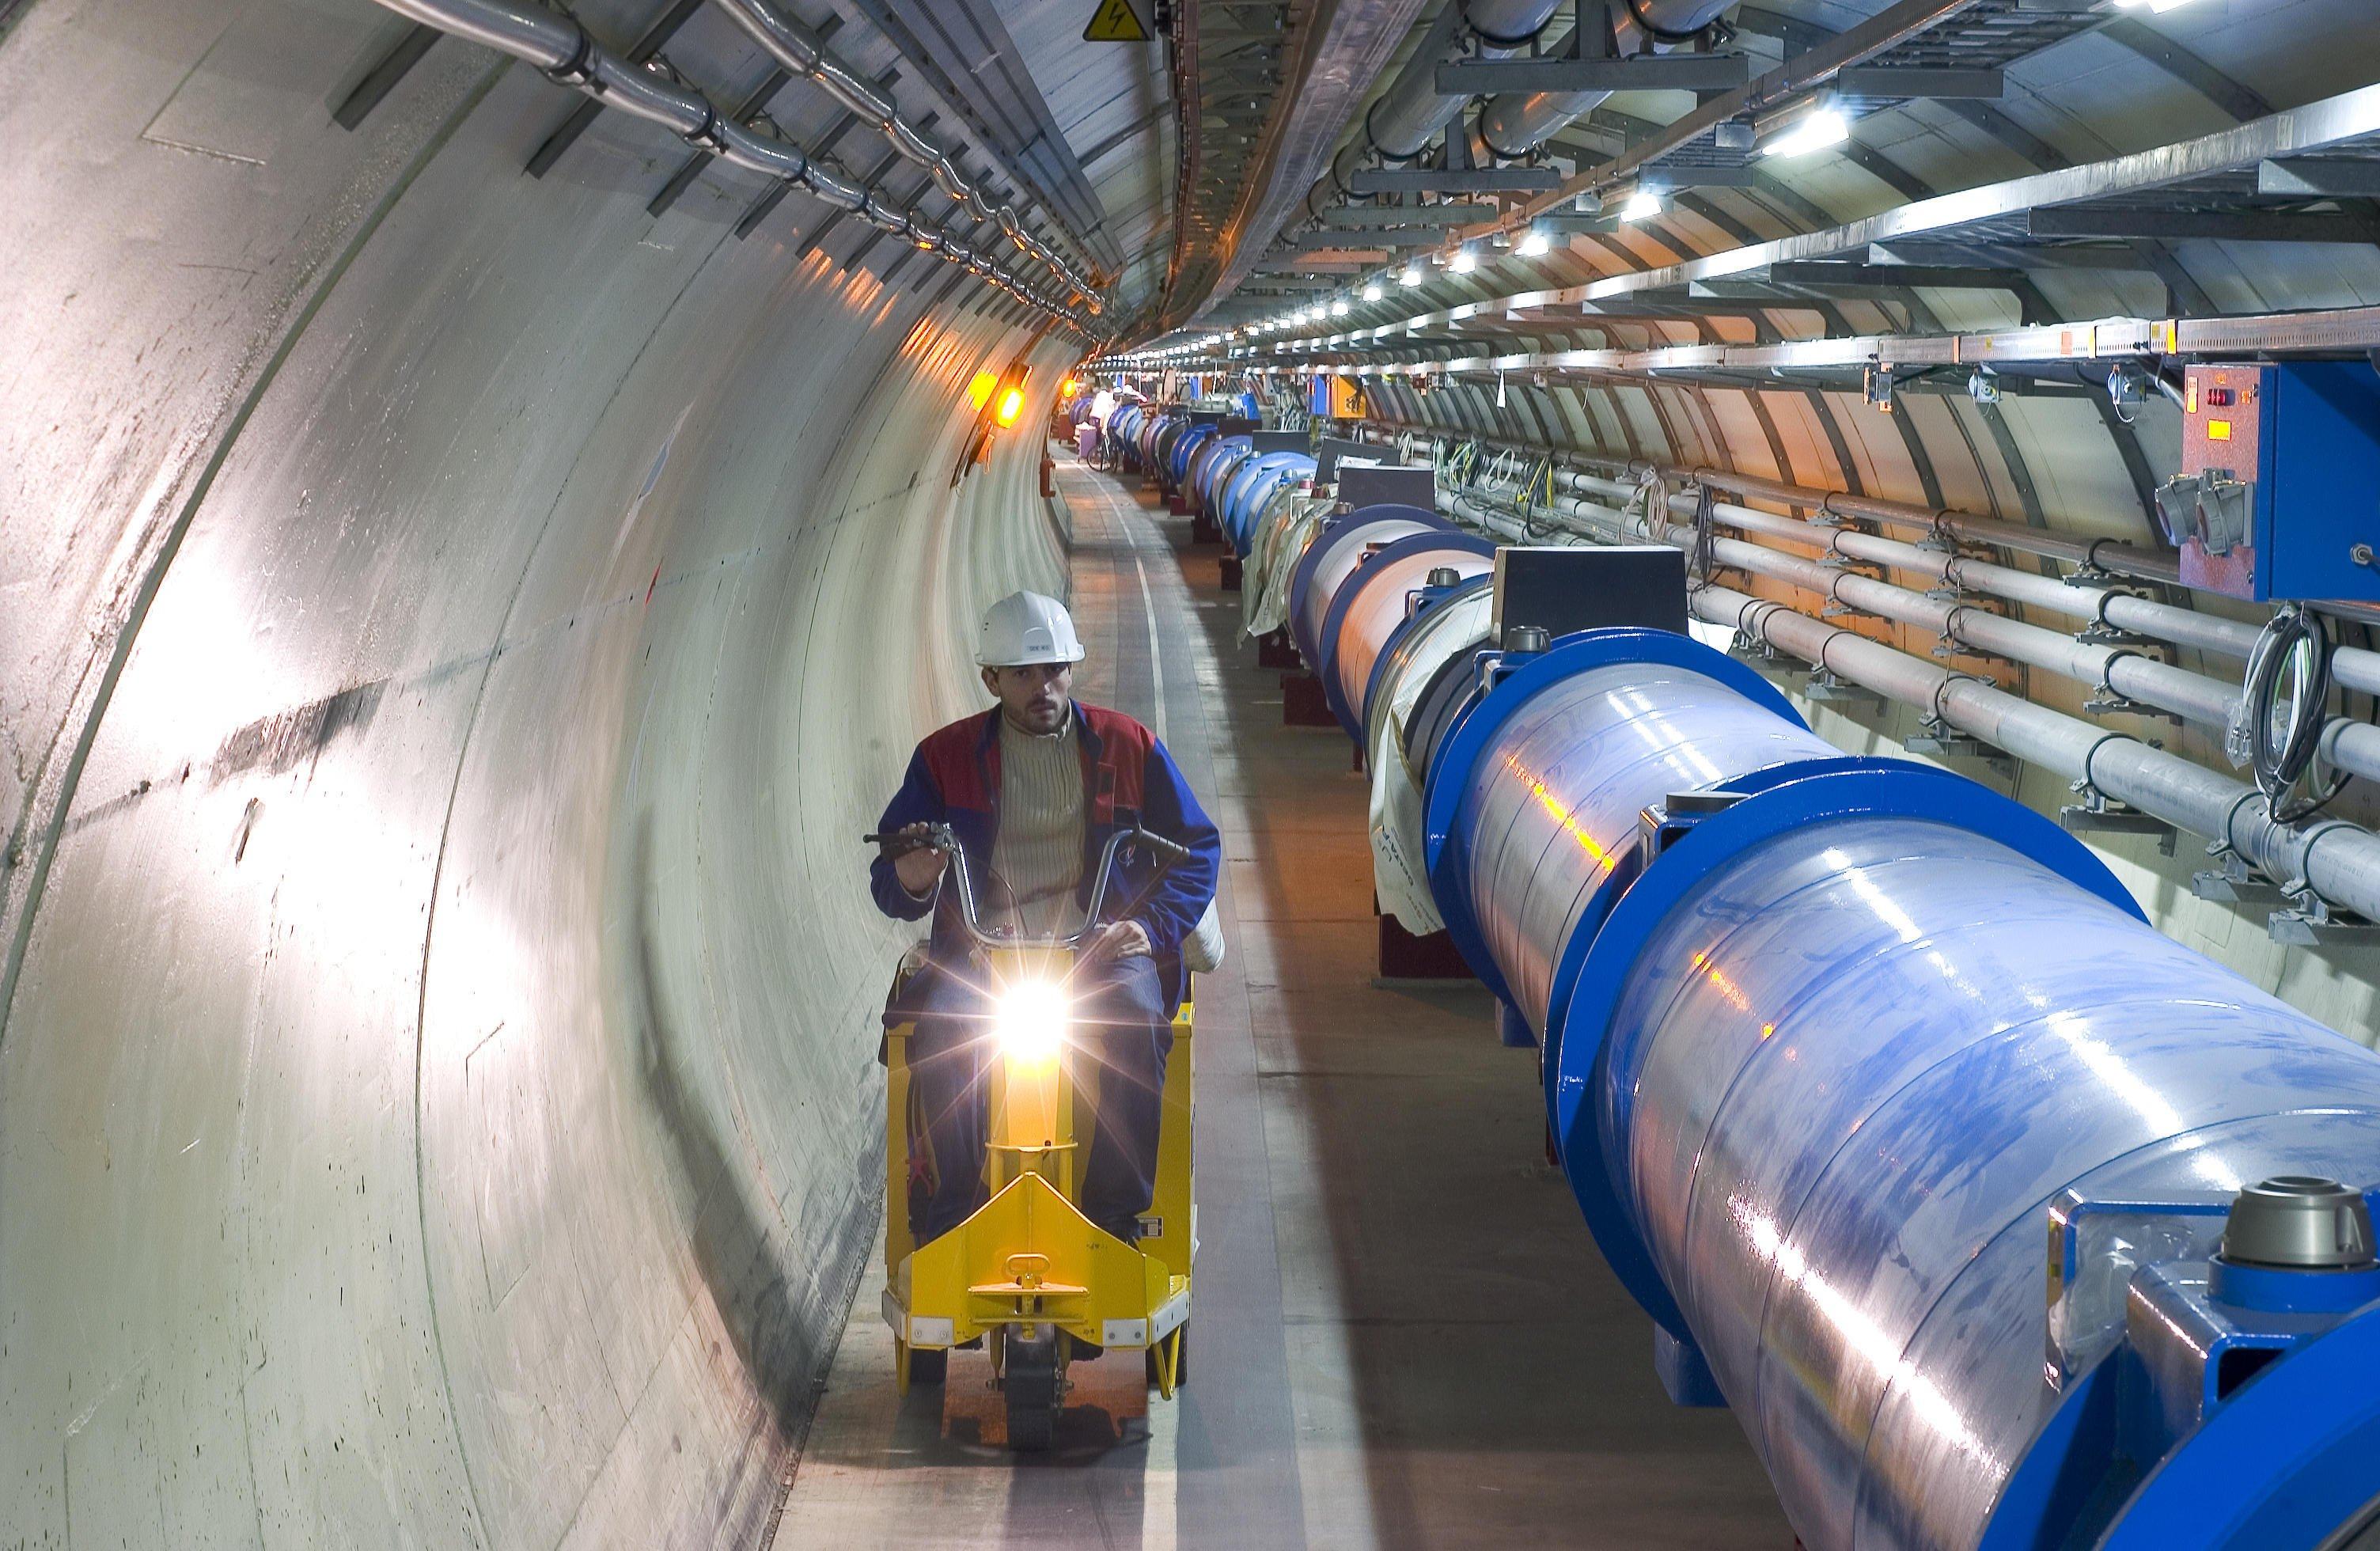 Unter der Erde liegt die 27 Kilometer lange Ringbahn des Teilchenbeschleunigers LHC. Durch sie düsen die Protonenstrahlen mit annähernder Lichtgeschwindigkeit und prallen schließlich aufeinander.